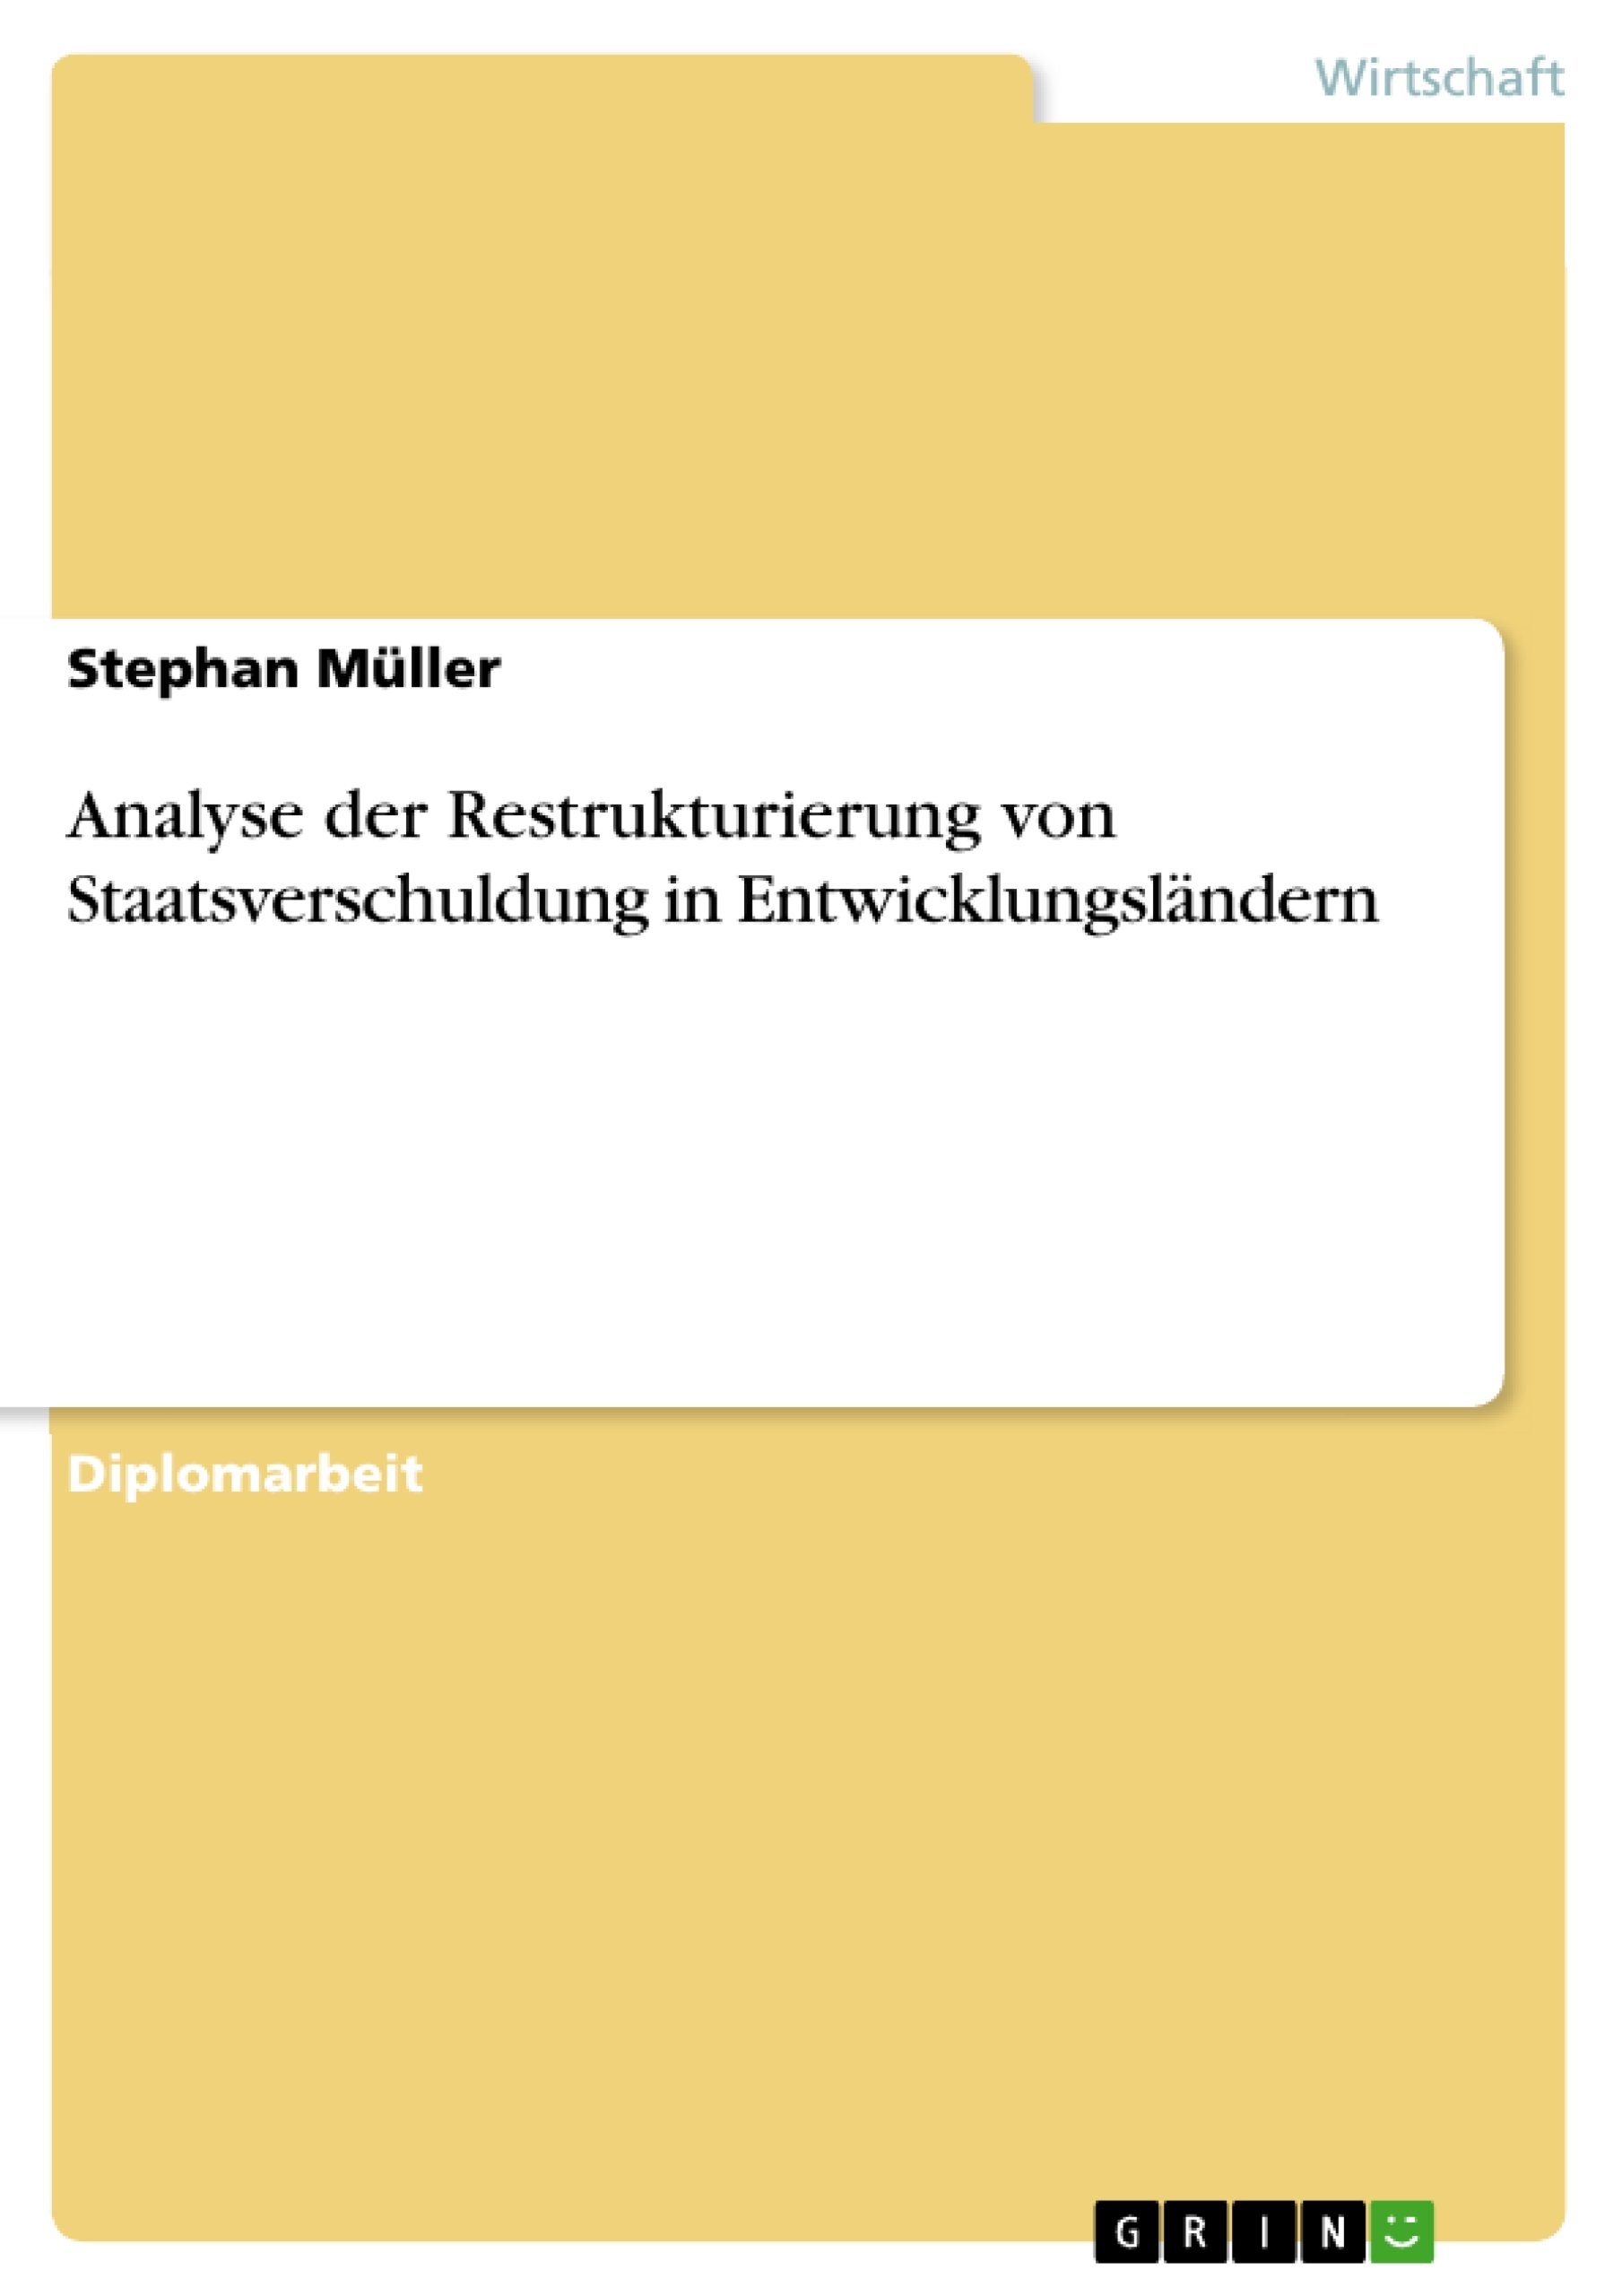 Analyse der Restrukturierung von Staatsverschuldung in Entwicklungsländern (German Edition)